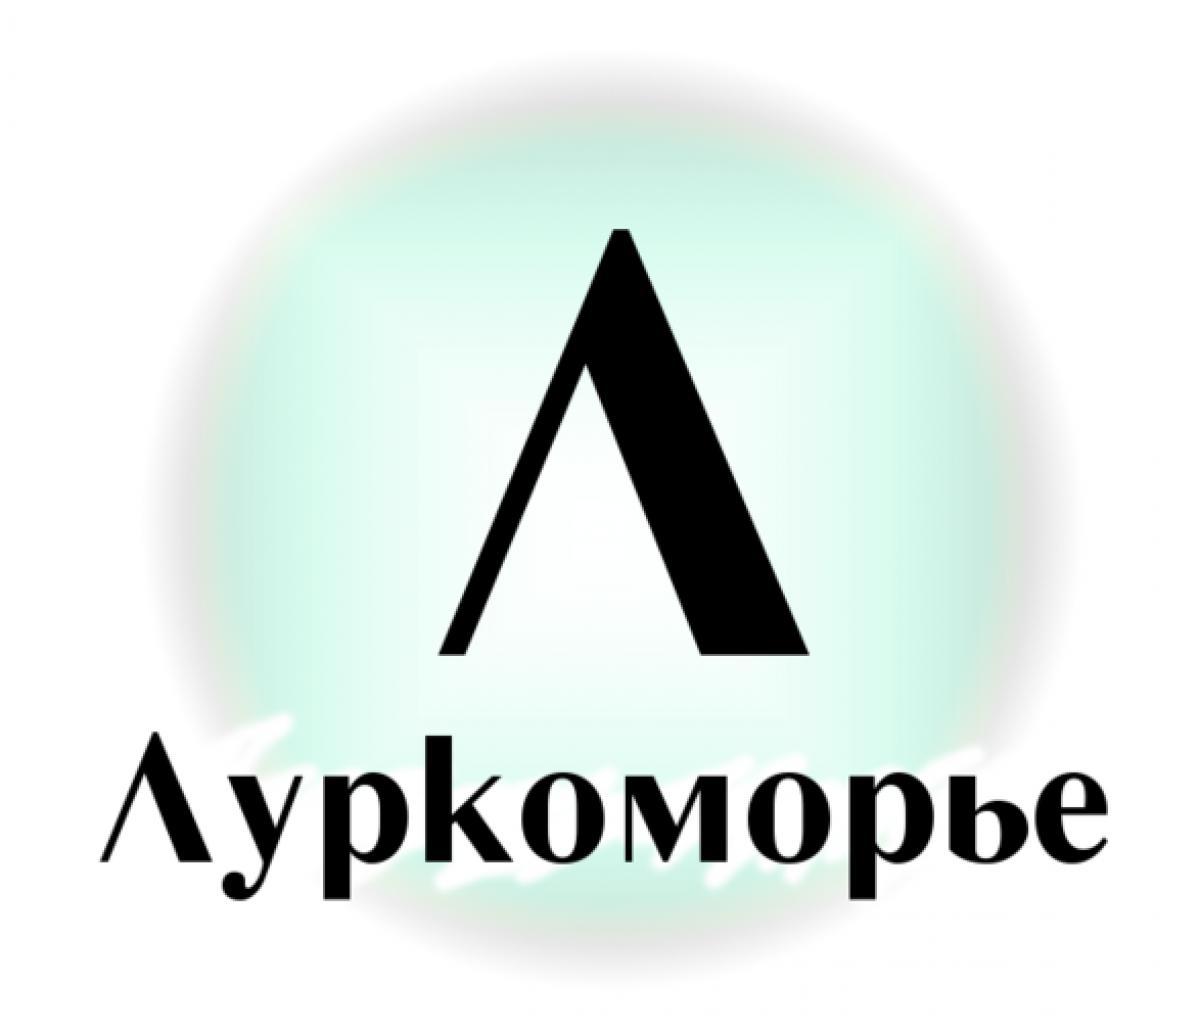 Лурк, великий и ужасный: восход и закат энциклопедии рунета - 1